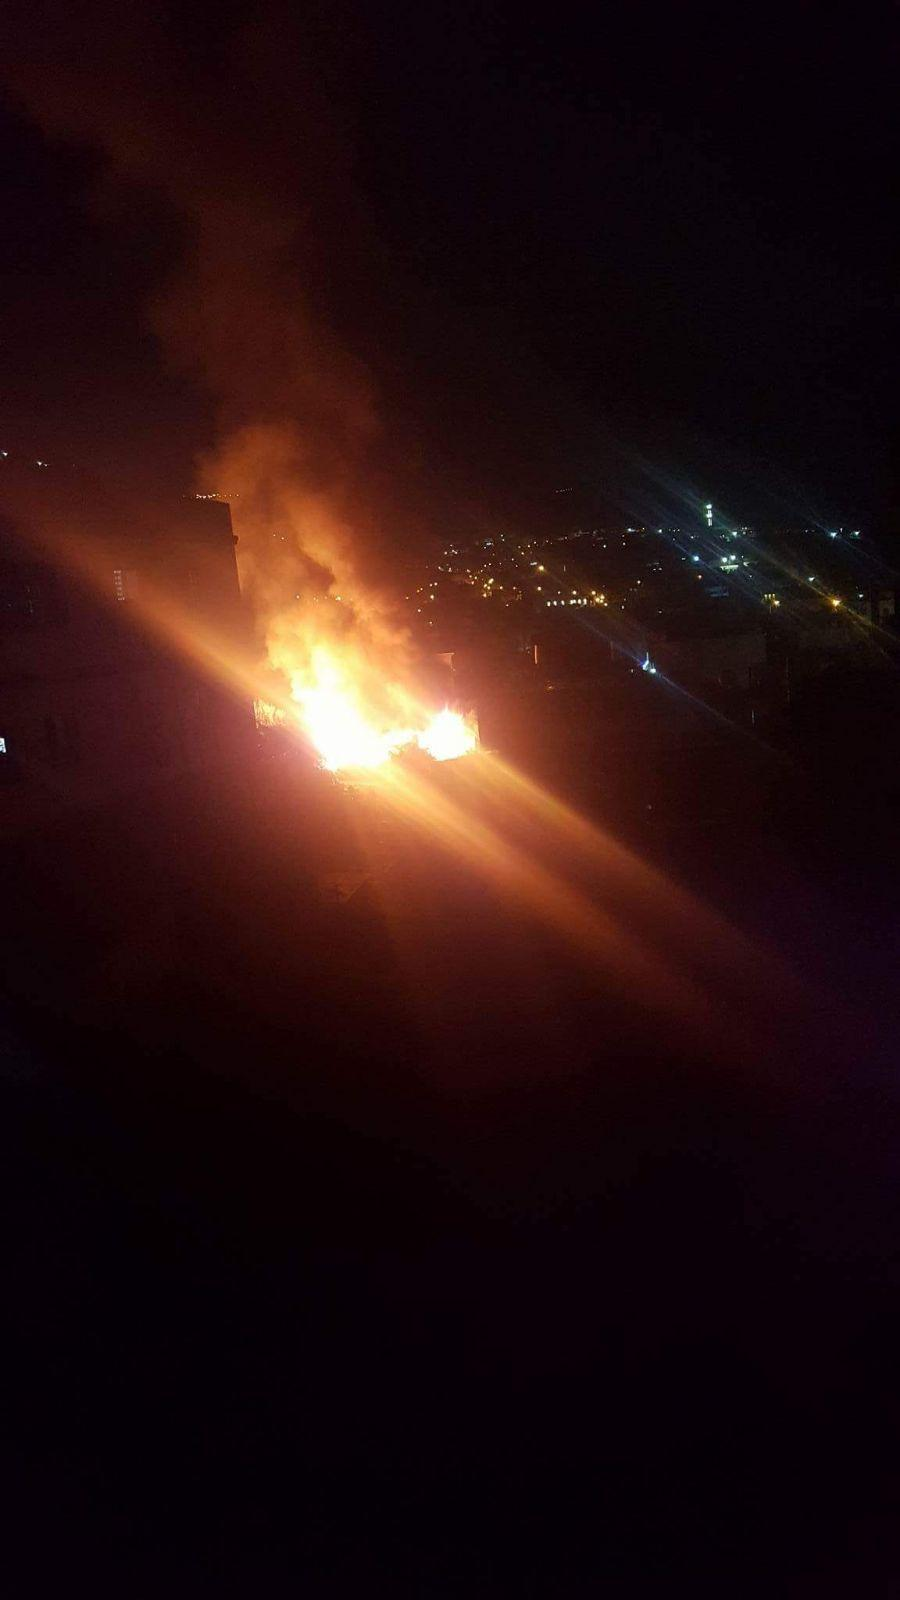 حريقان في كفر مندا ومجد الكروم